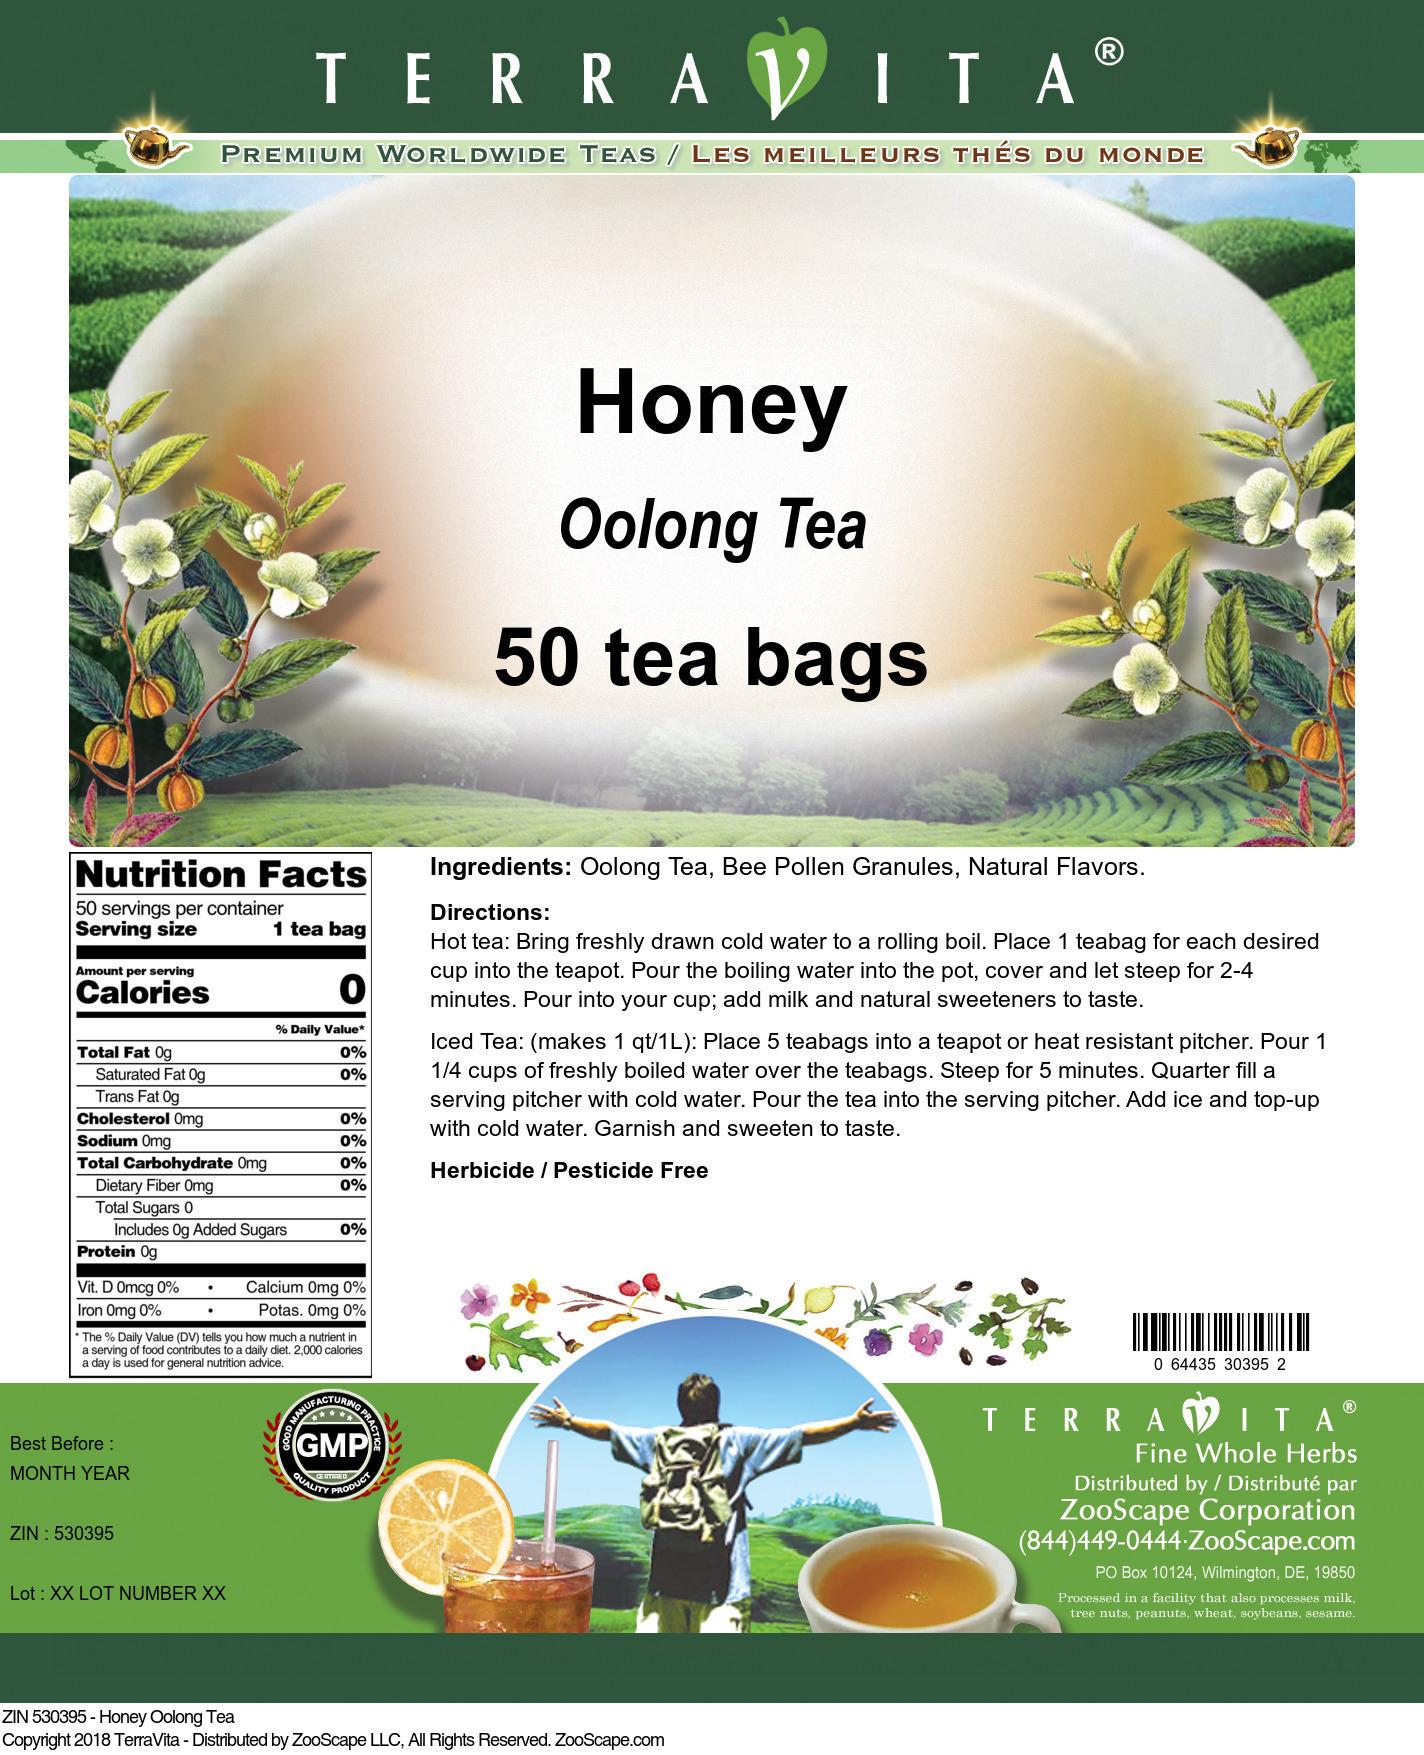 Honey Oolong Tea